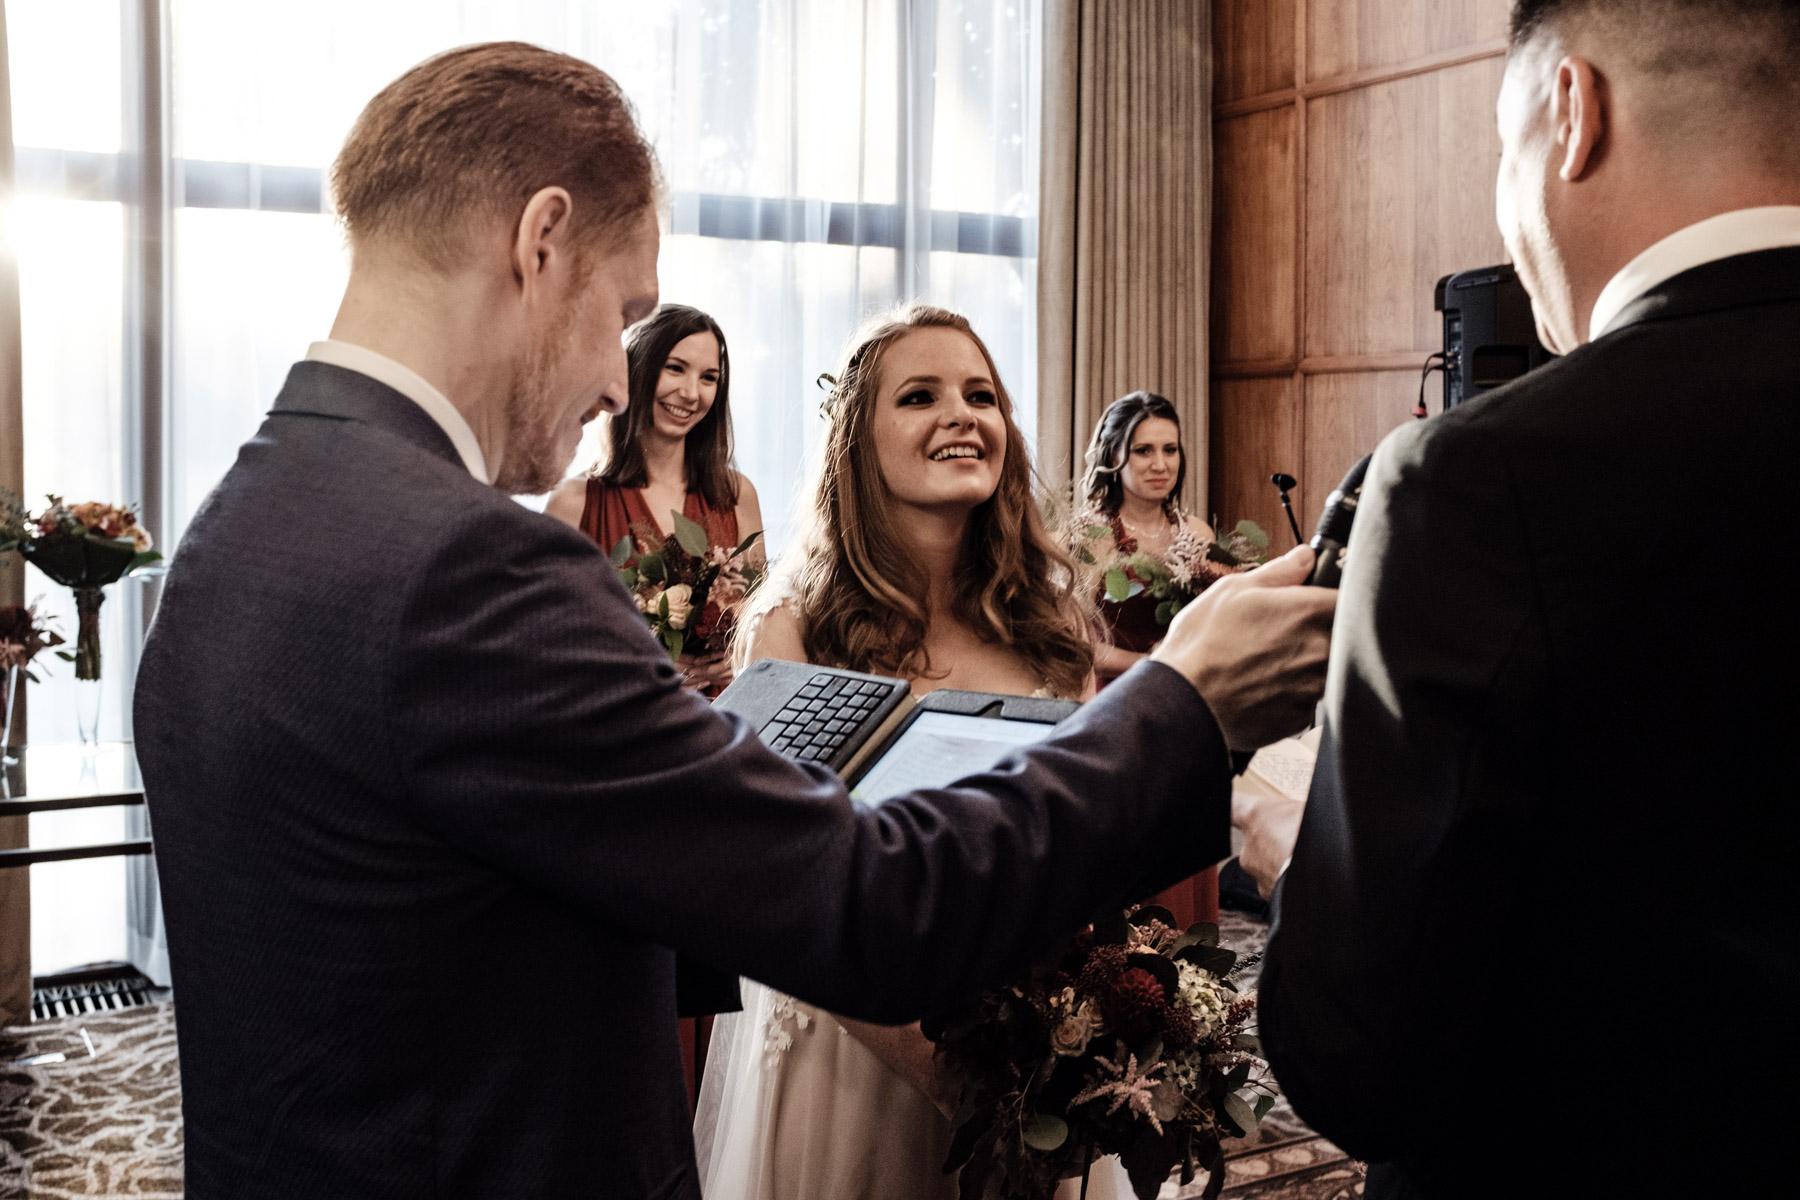 MartinLiebl_Kein_Hochzeitsfotograf_No_Wedding_Photographer_Budapest_Gresham_Palace_040.jpg